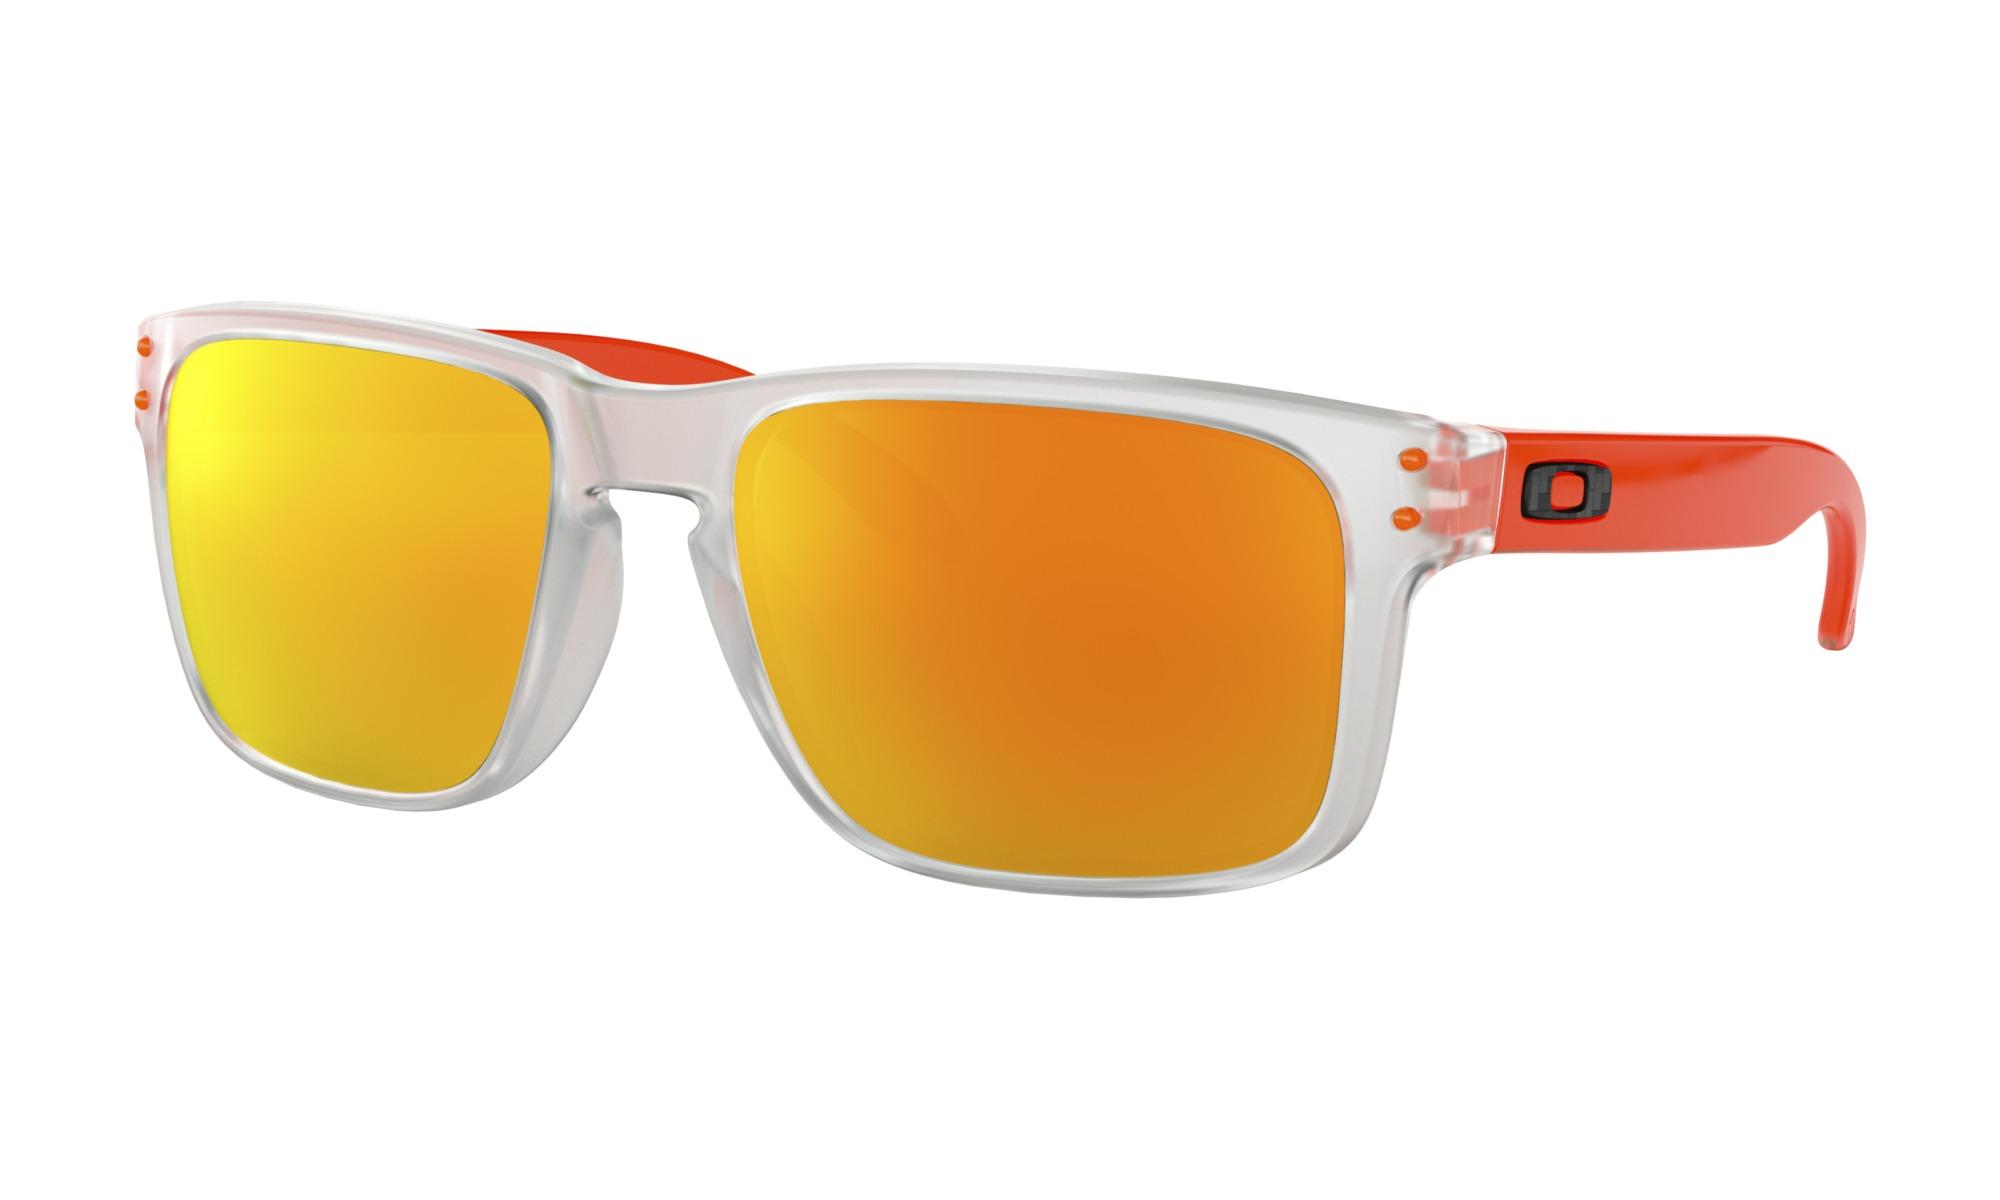 20eb79ded5 Oakley Holbrook Progressive Rx Sun Glasses